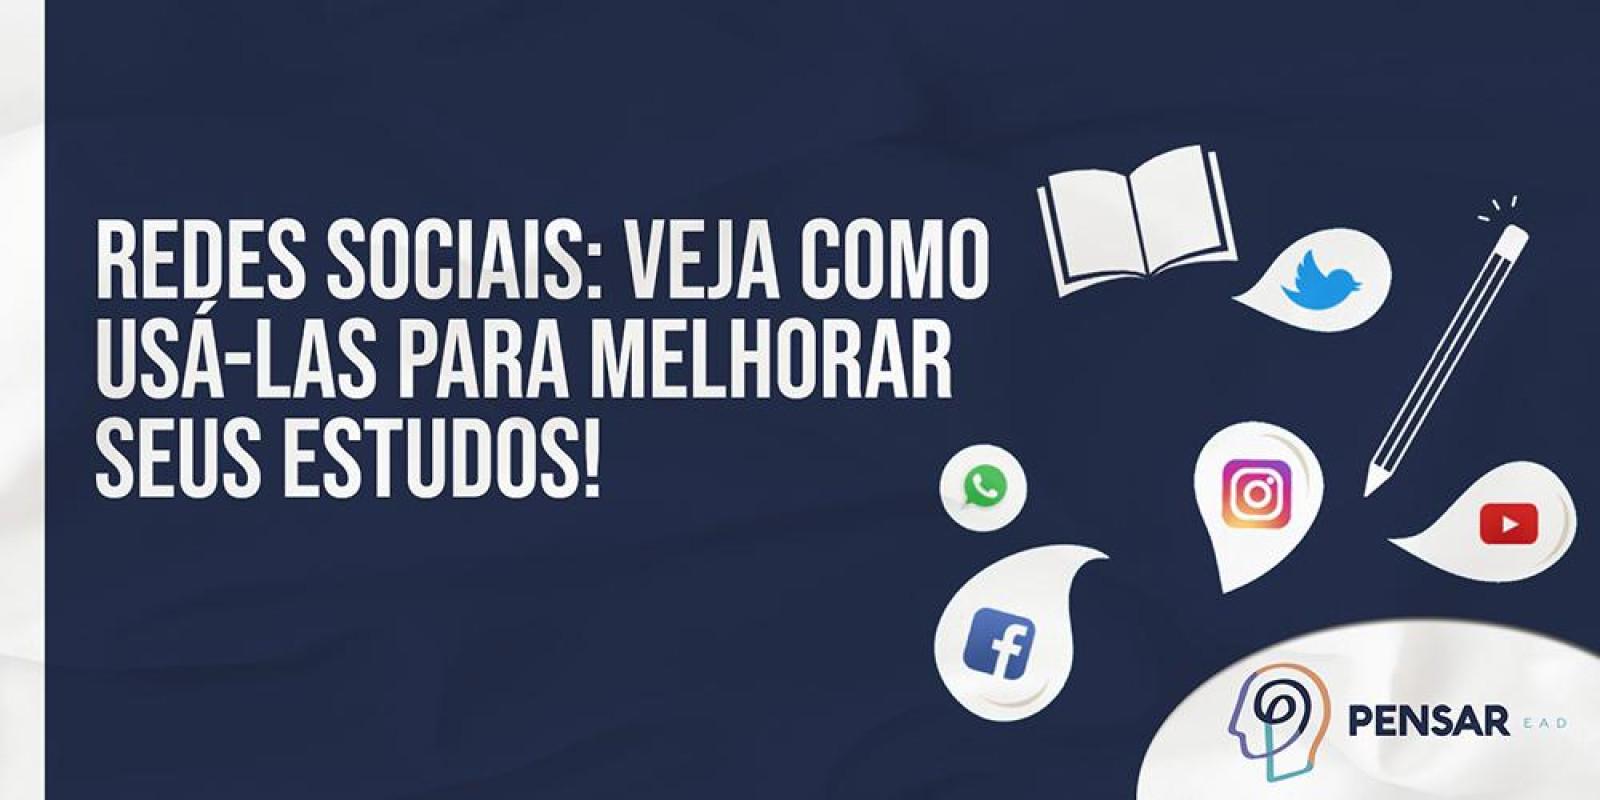 Redes sociais: veja como usá-las para melhorar seus estudos!